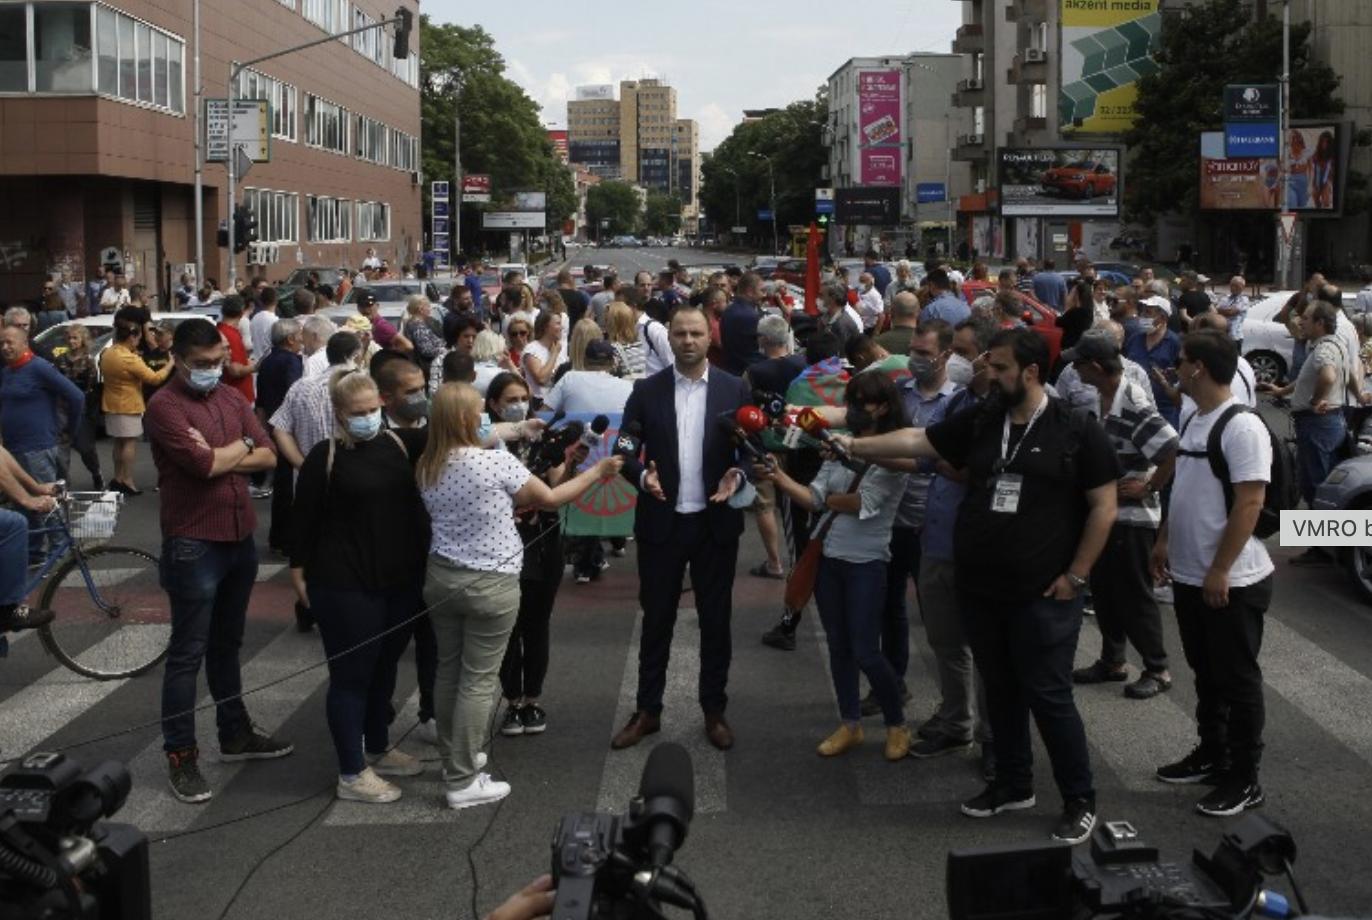 Βόρεια Μακεδονία: Διαμαρτυρίες οργανώθηκαν από το VMRO-DPMNE για τις διαπραγματεύσεις Zaev με τη Βουλγαρία